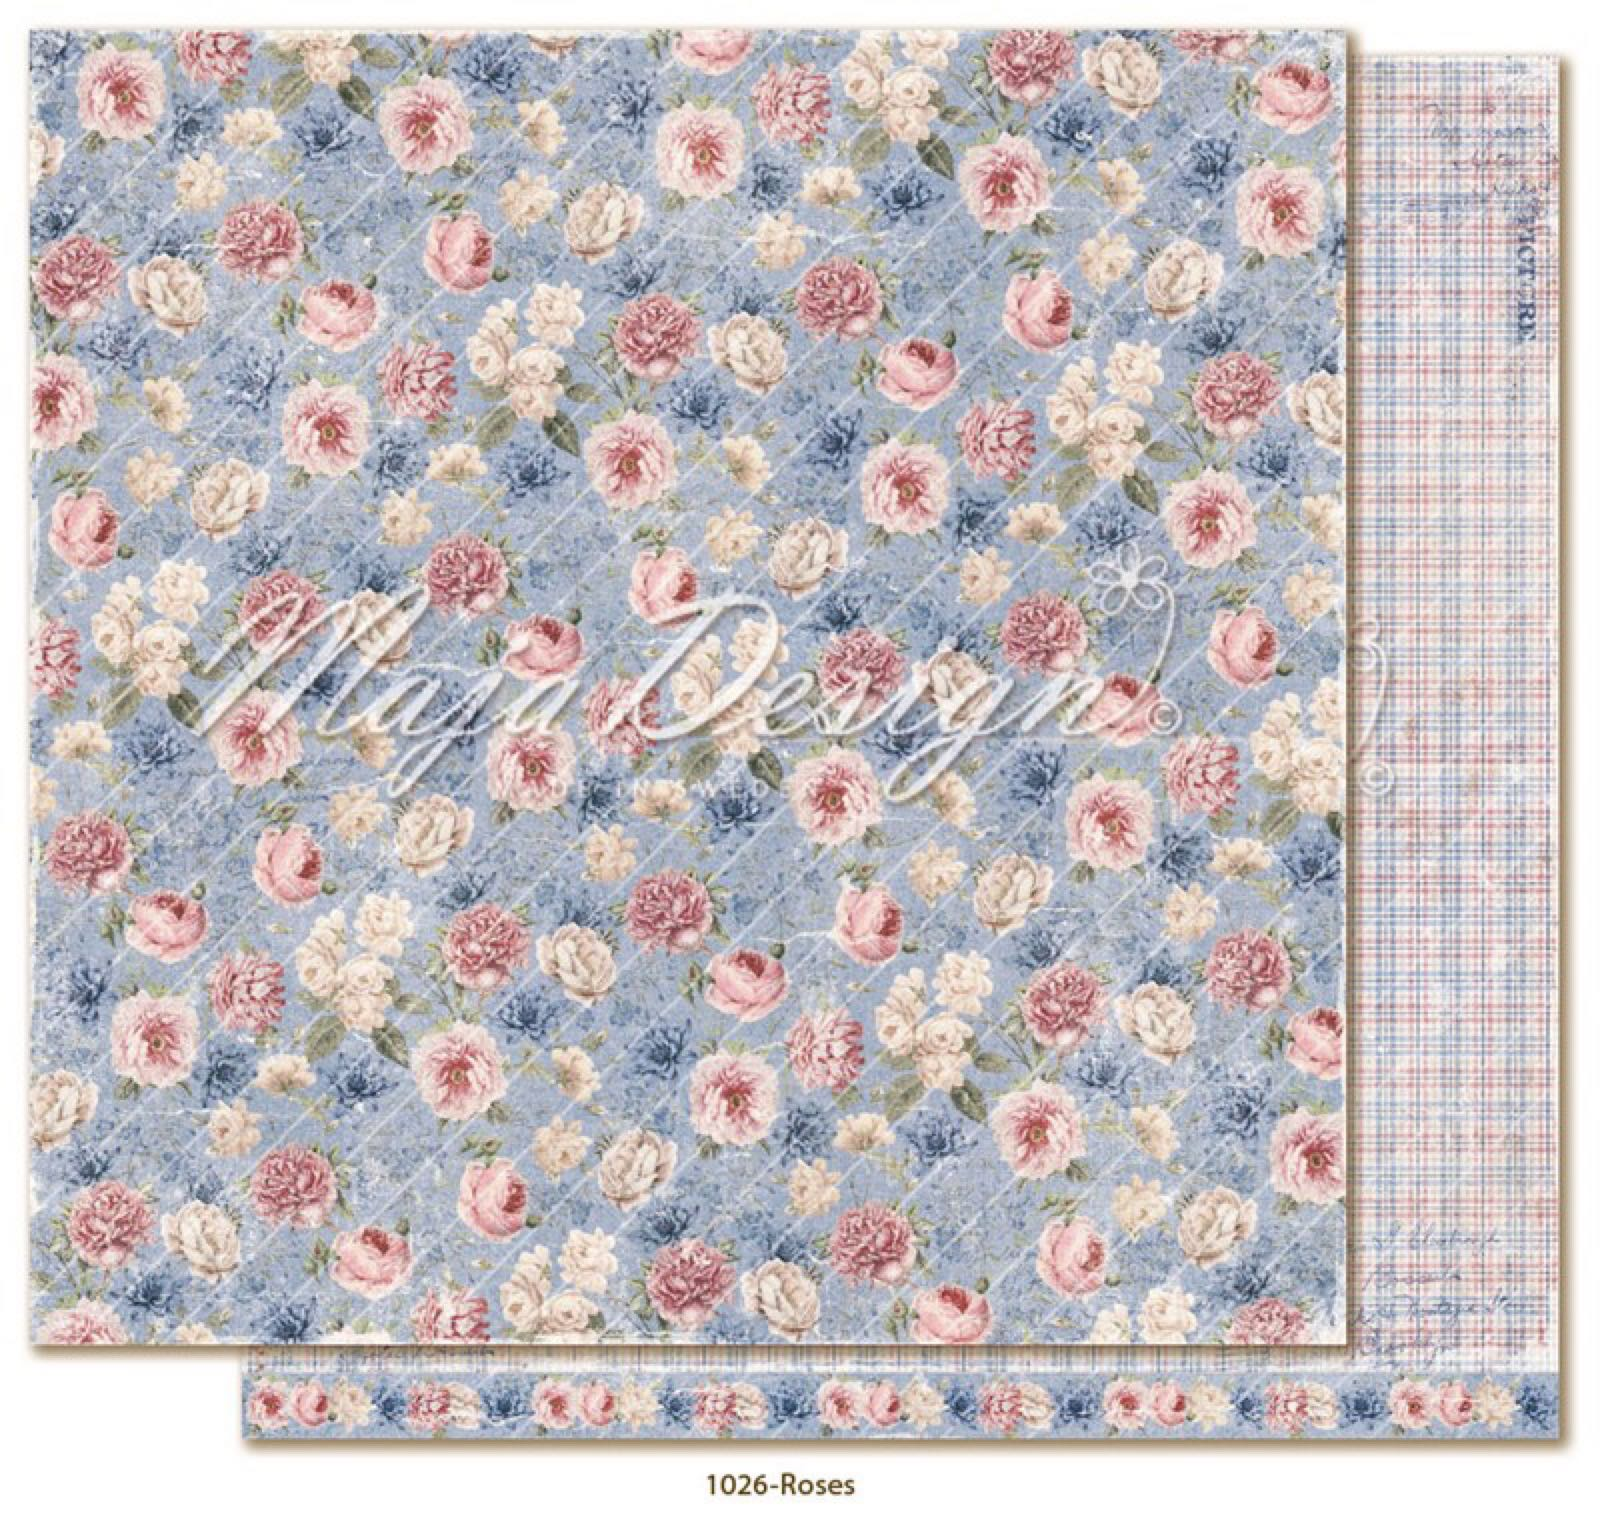 Maja design denim & girls, roses